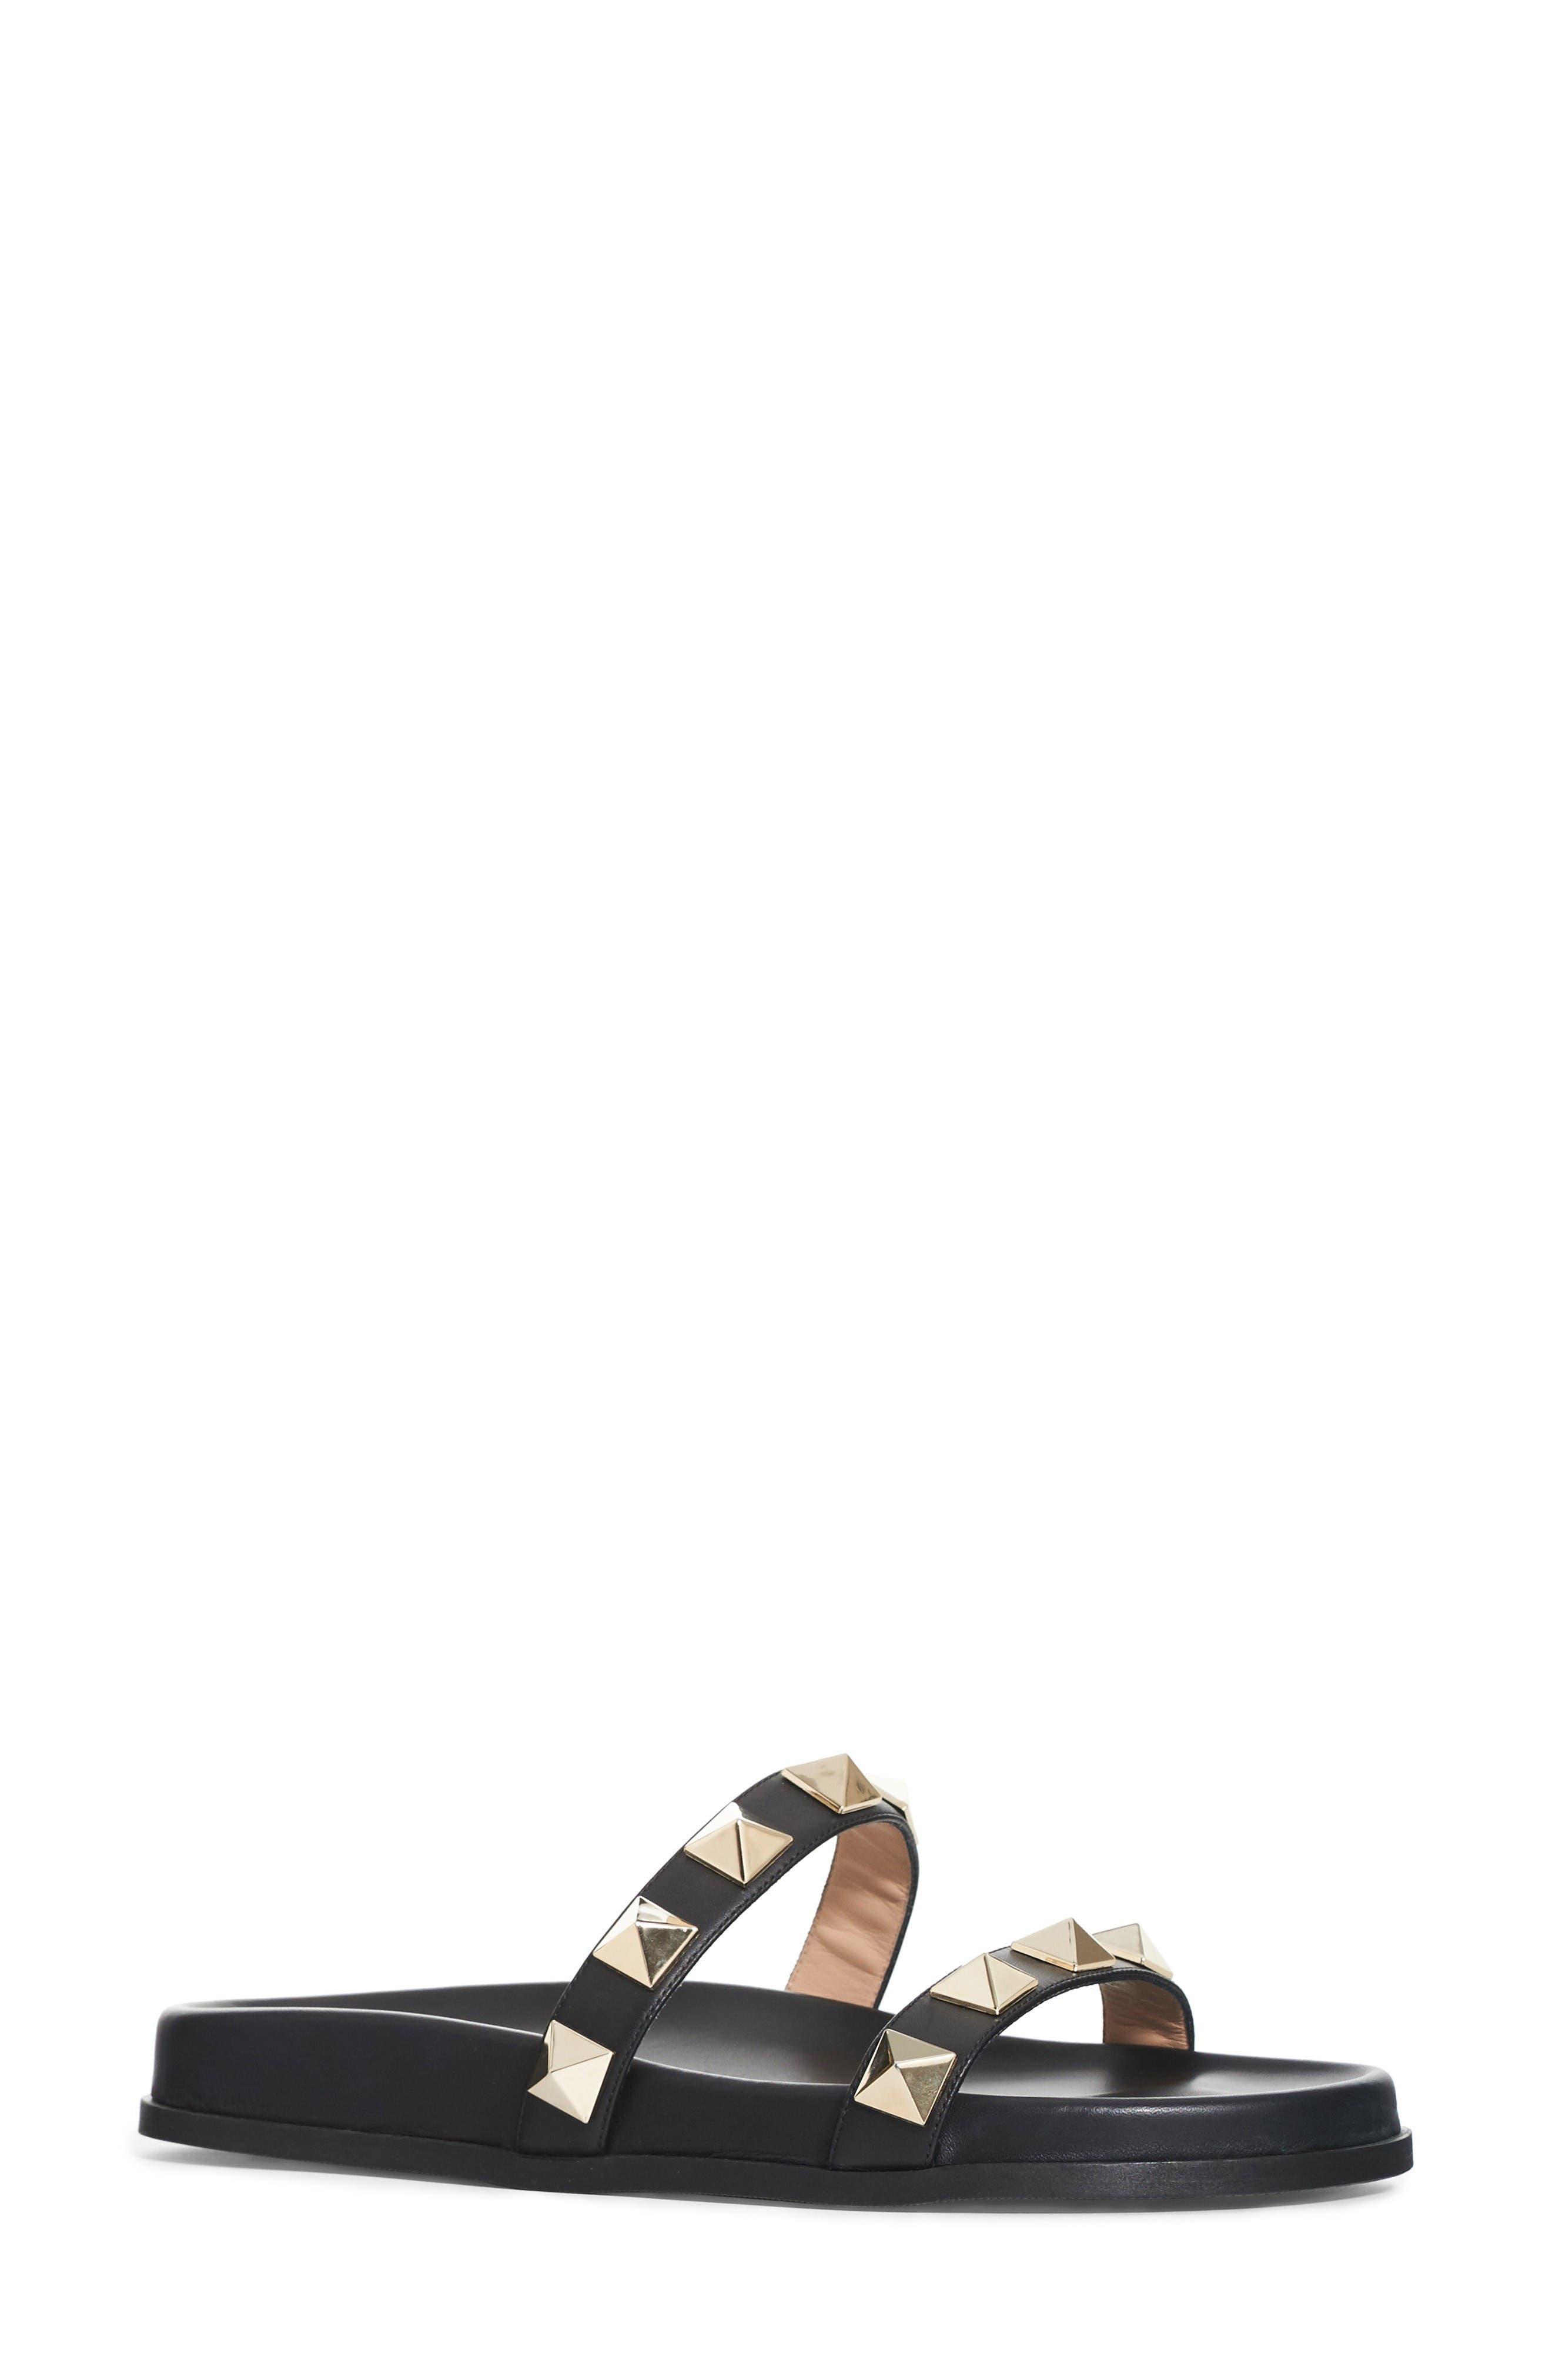 VALENTINO GARAVANI Rockstud Lock Slide Sandal